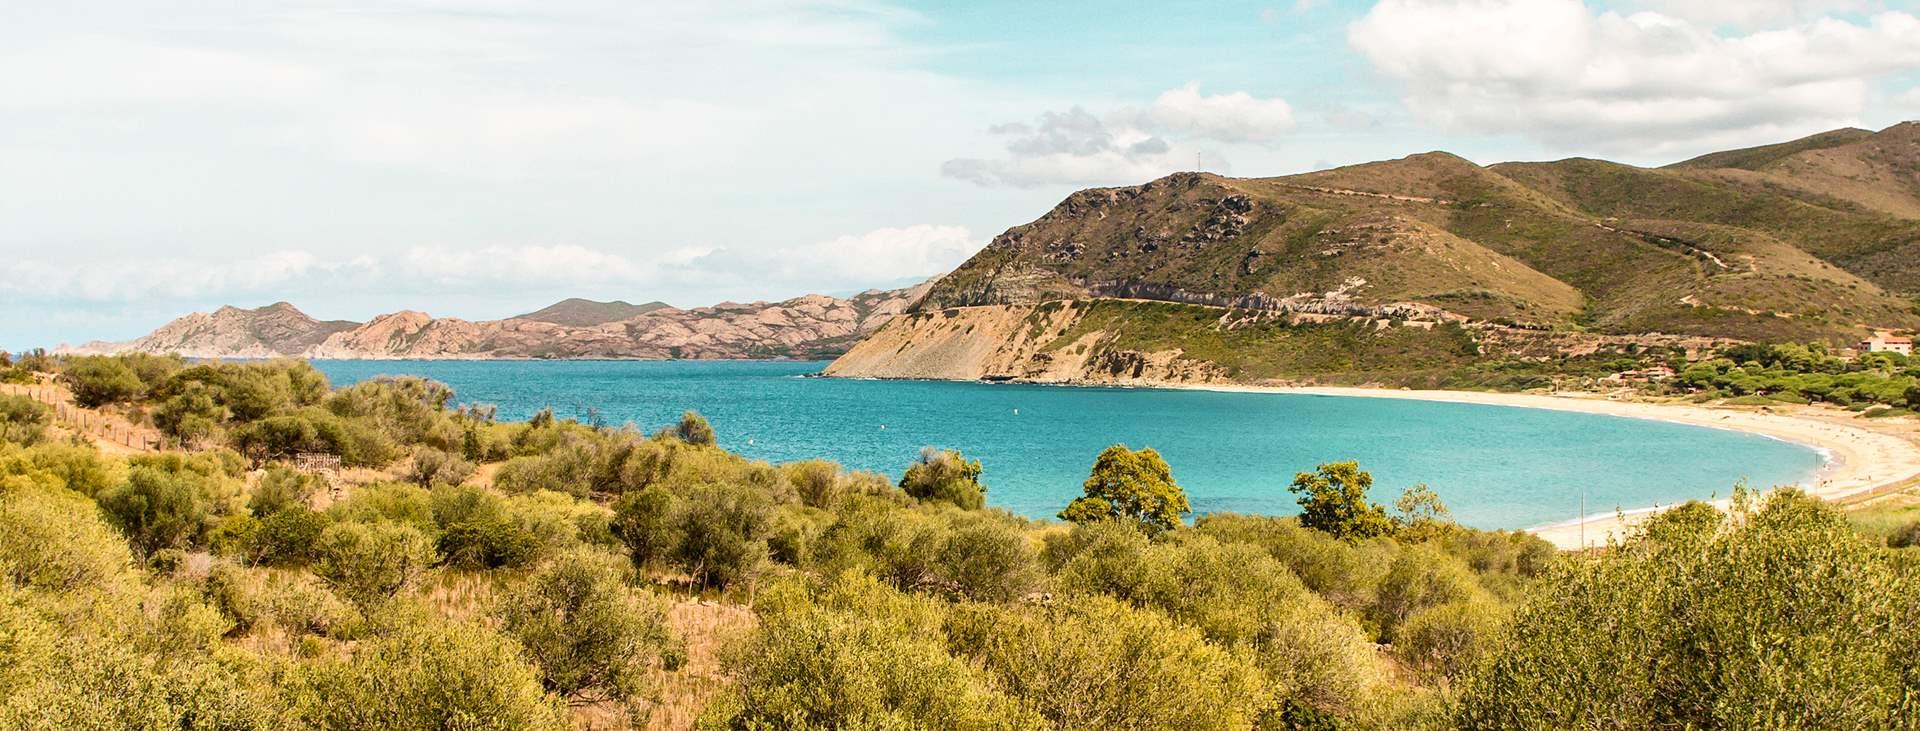 Boka din resa till Korsika i Frankrike med Ving